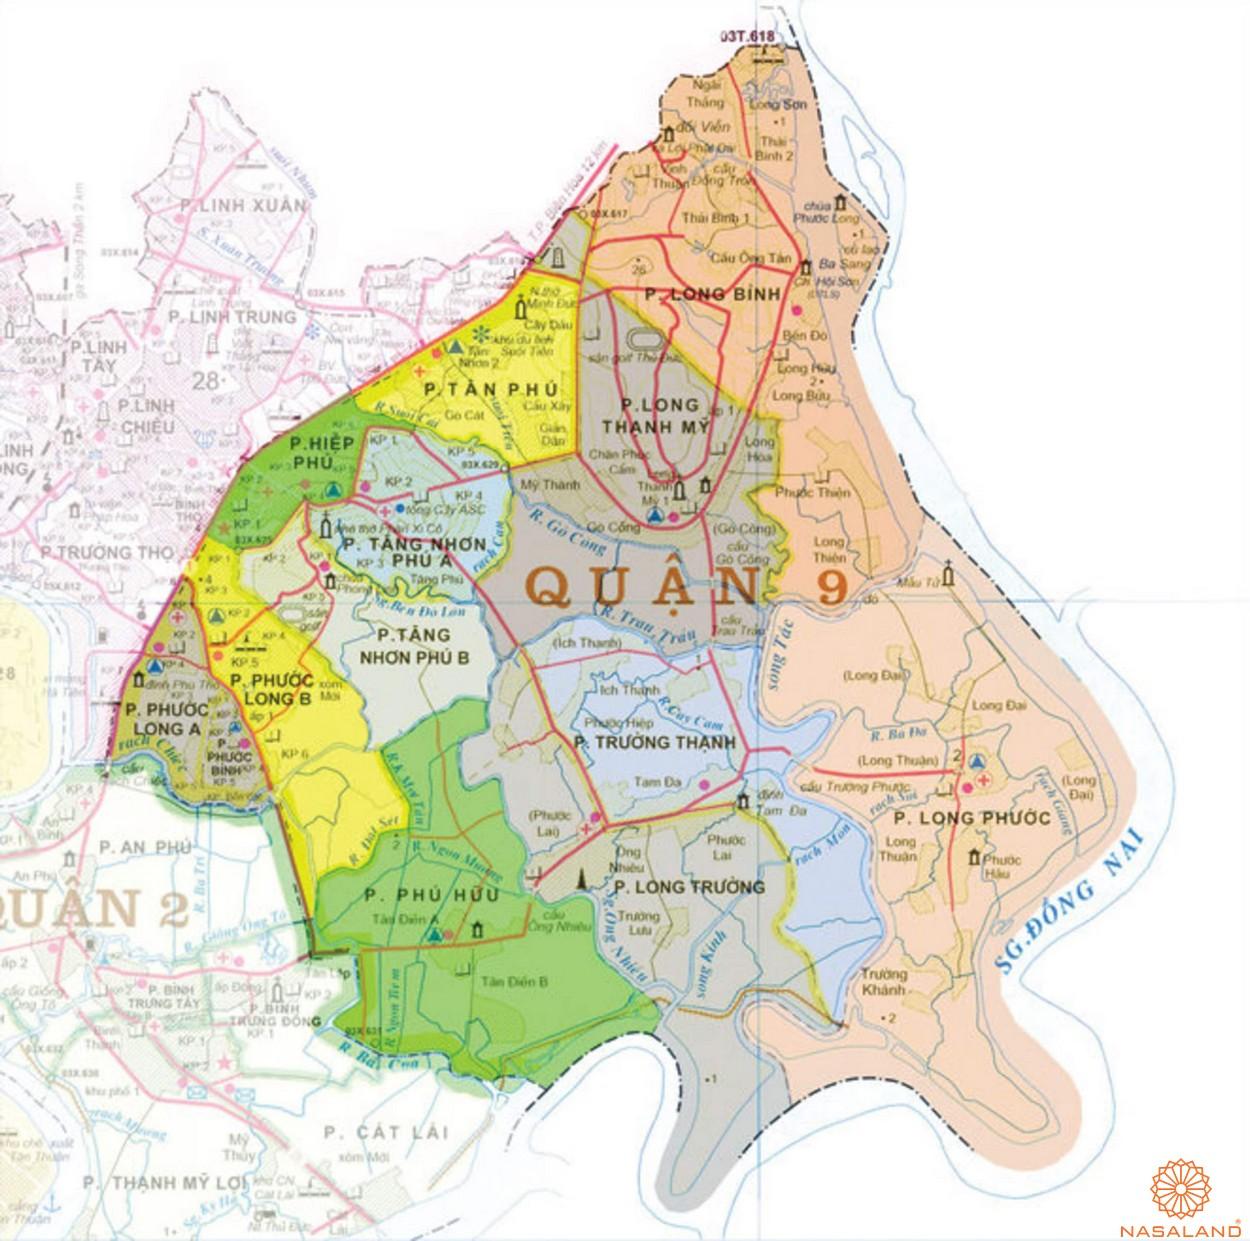 Căn hộ quận 9 - Sở hữu vị trí cận trung tâm tiềm năng trong tương lai - vị trí